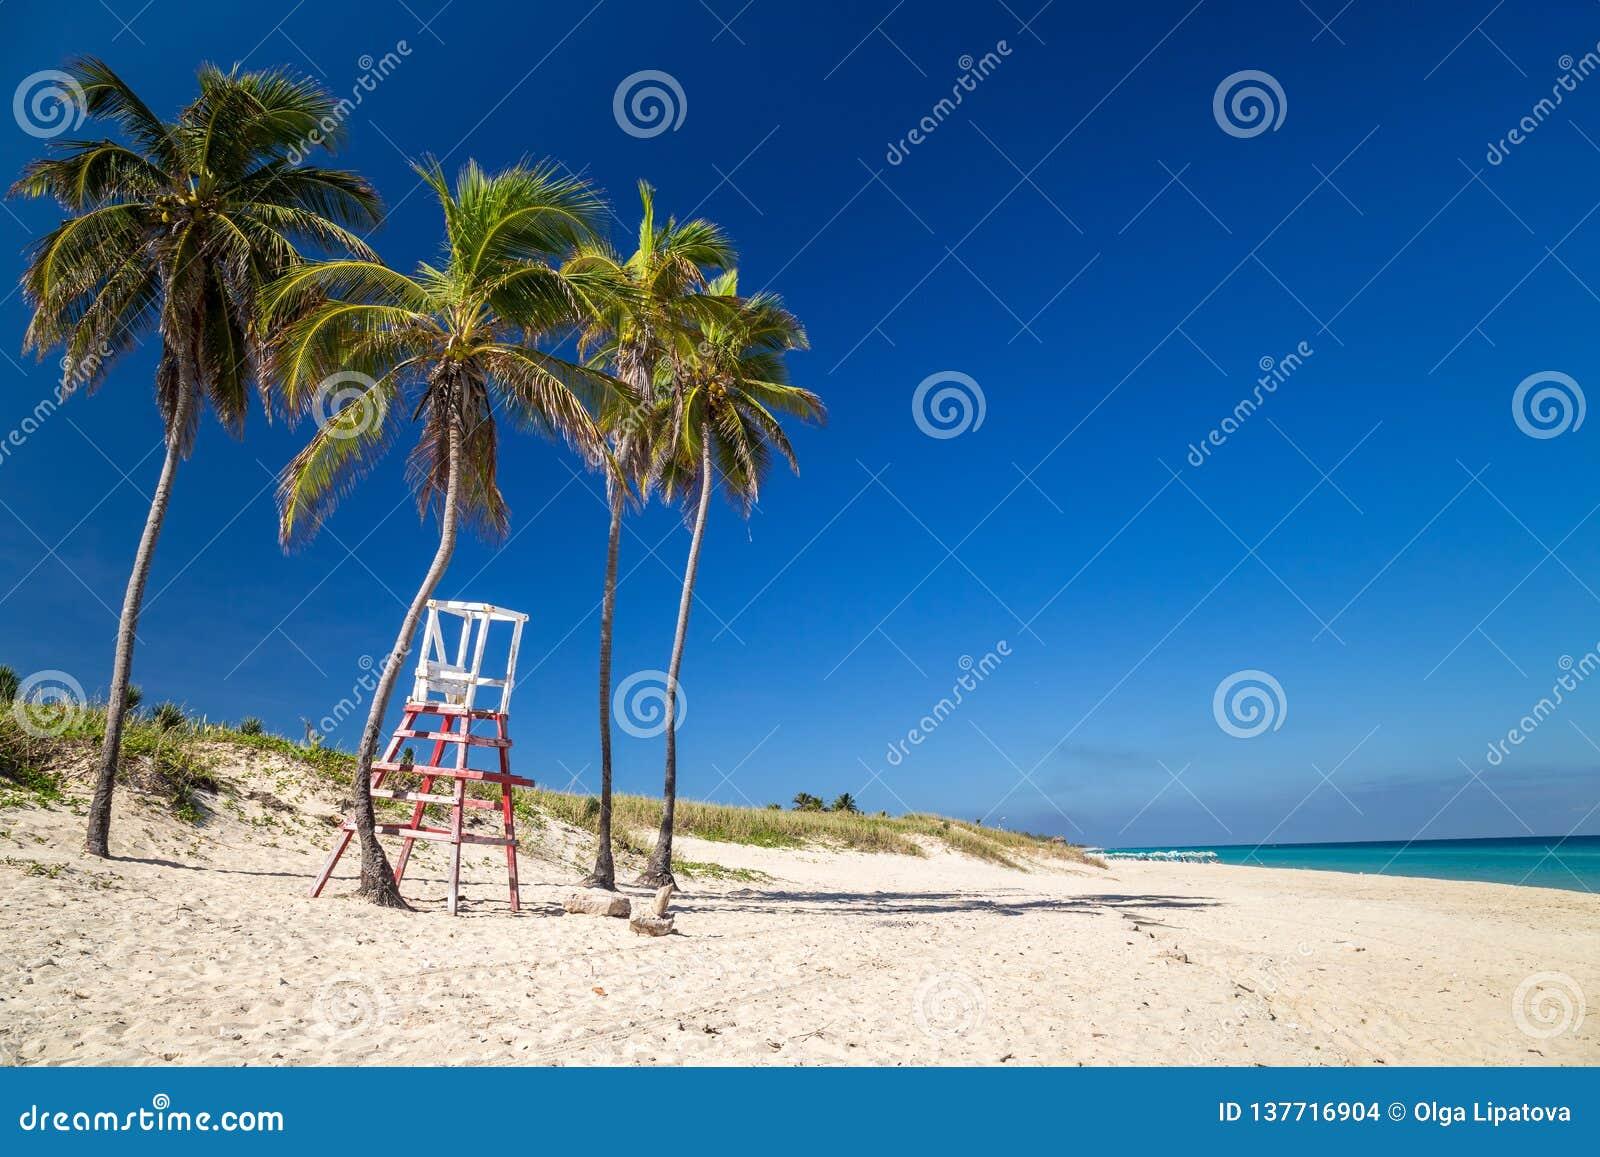 救生员椅子在天堂海滩的棕榈树下